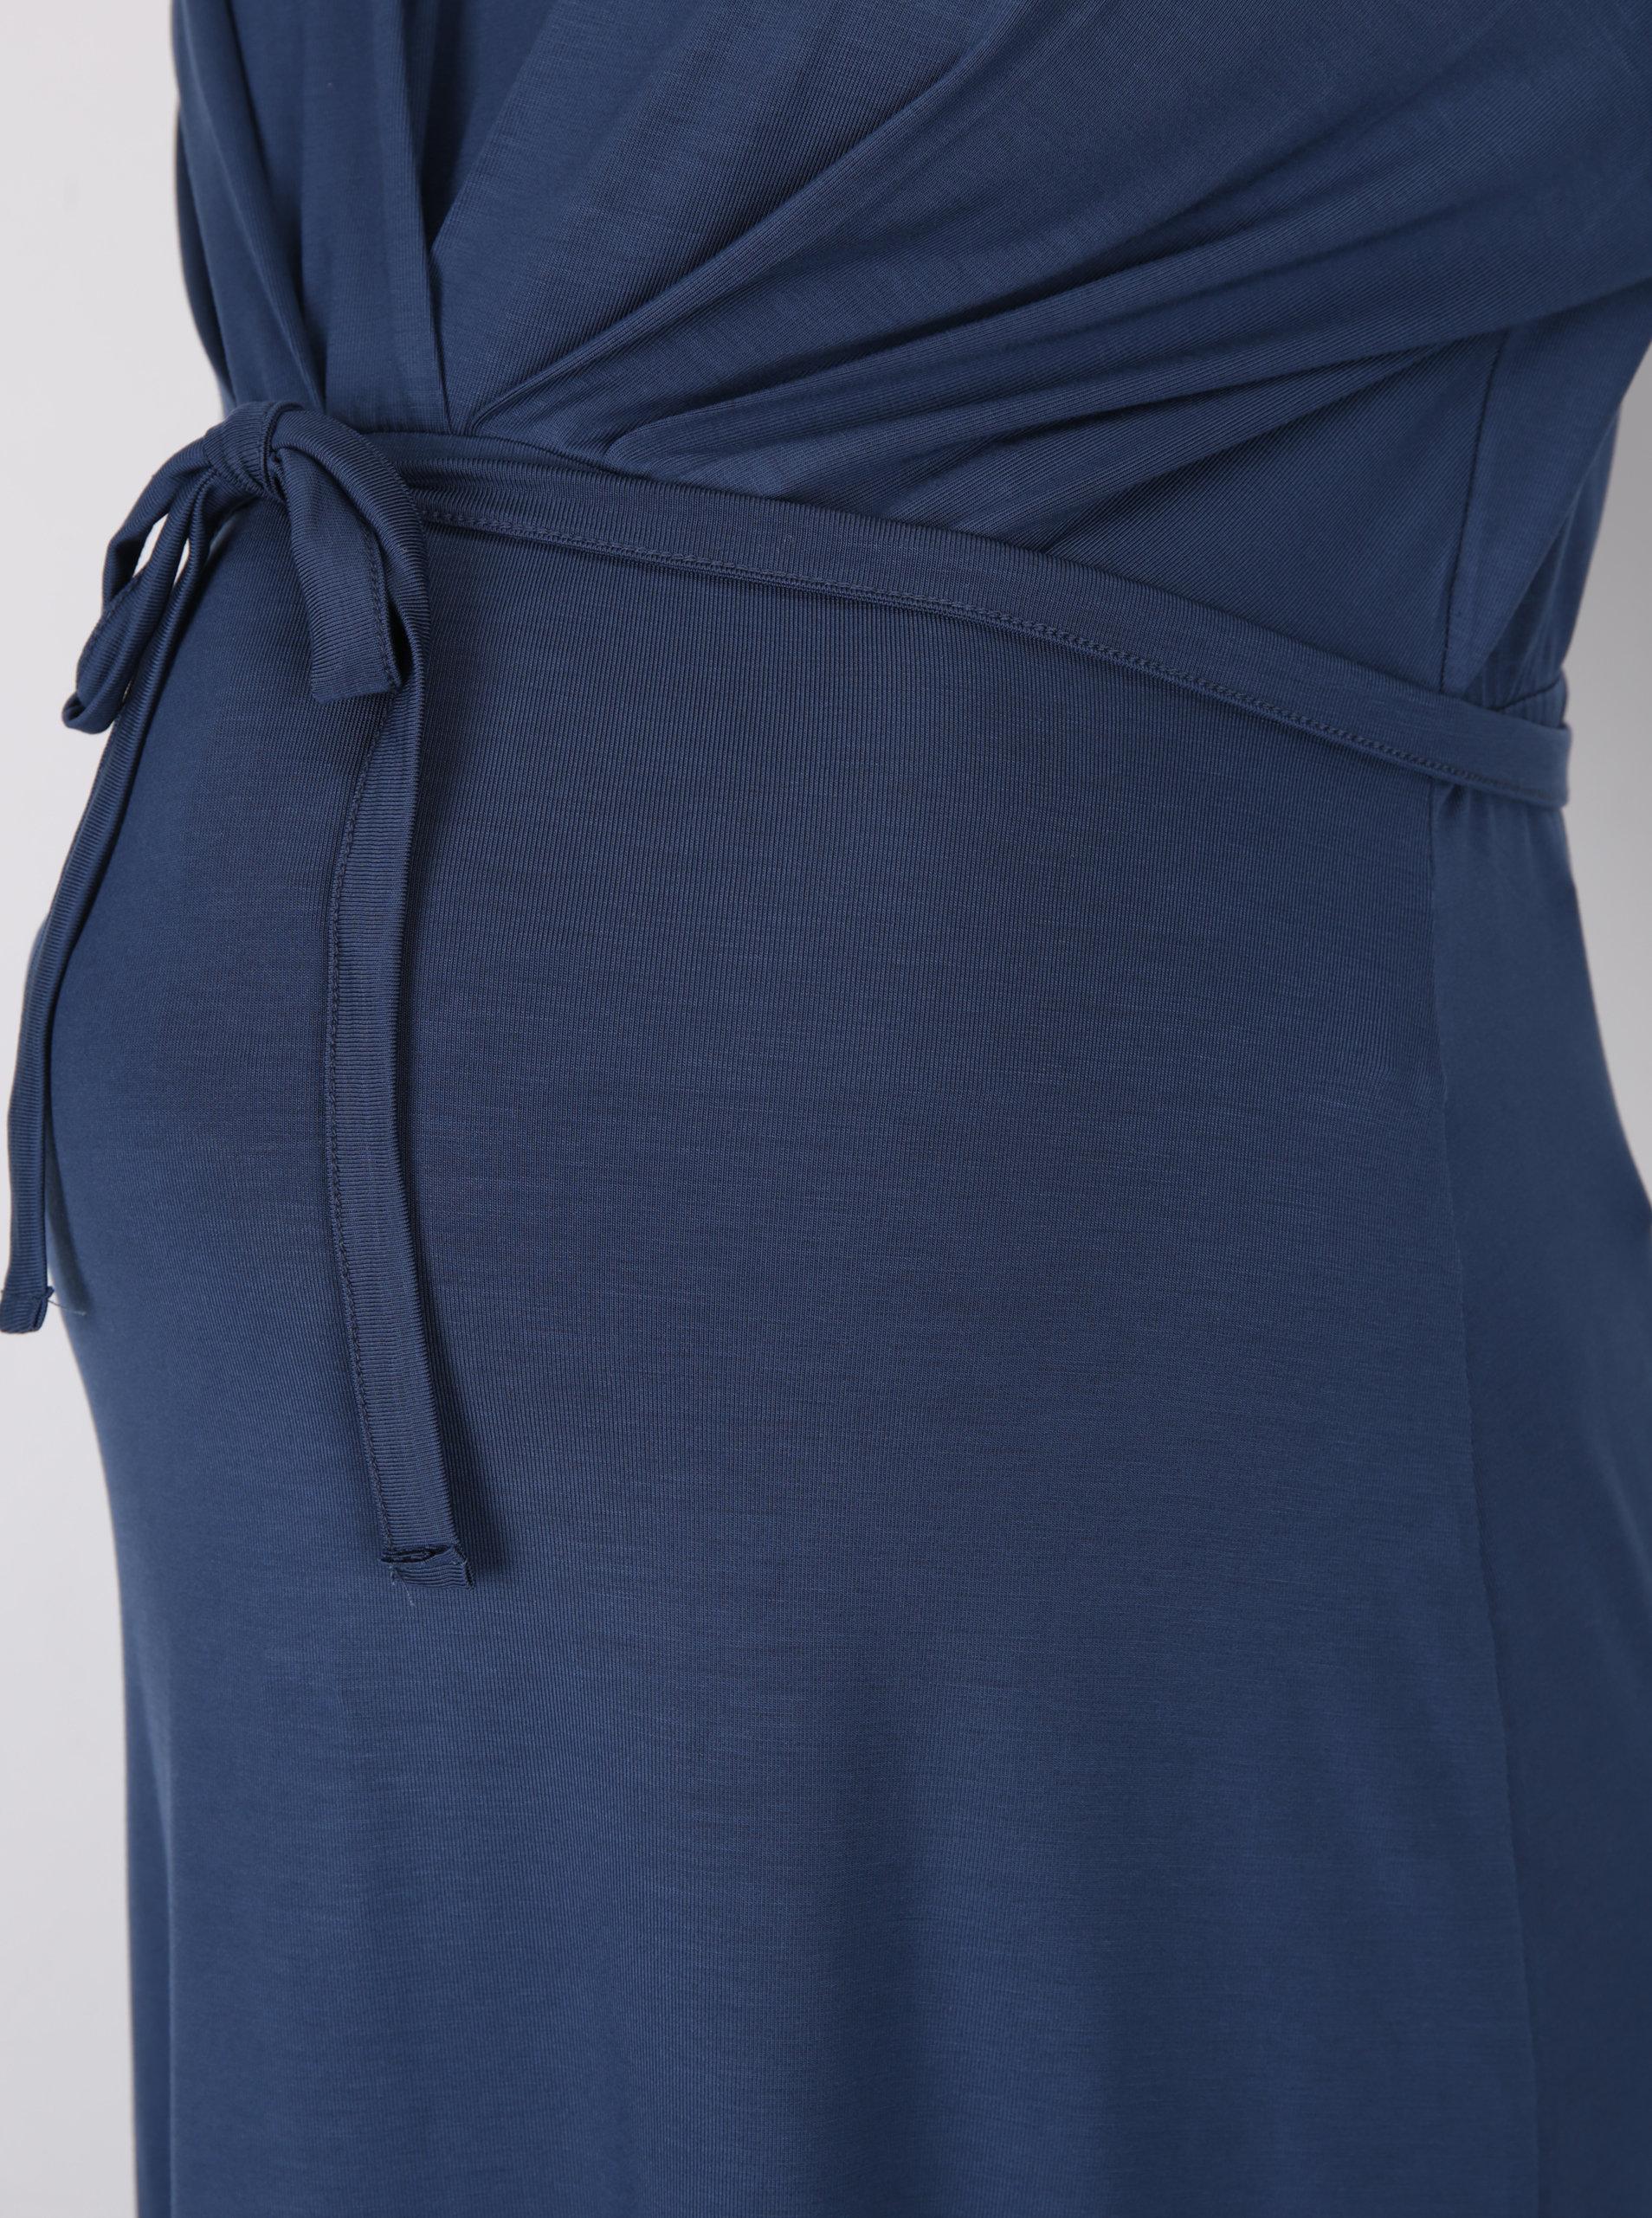 Tmavě modré těhotenské šaty Mama.licious Lissy ... 8712a0a8b1